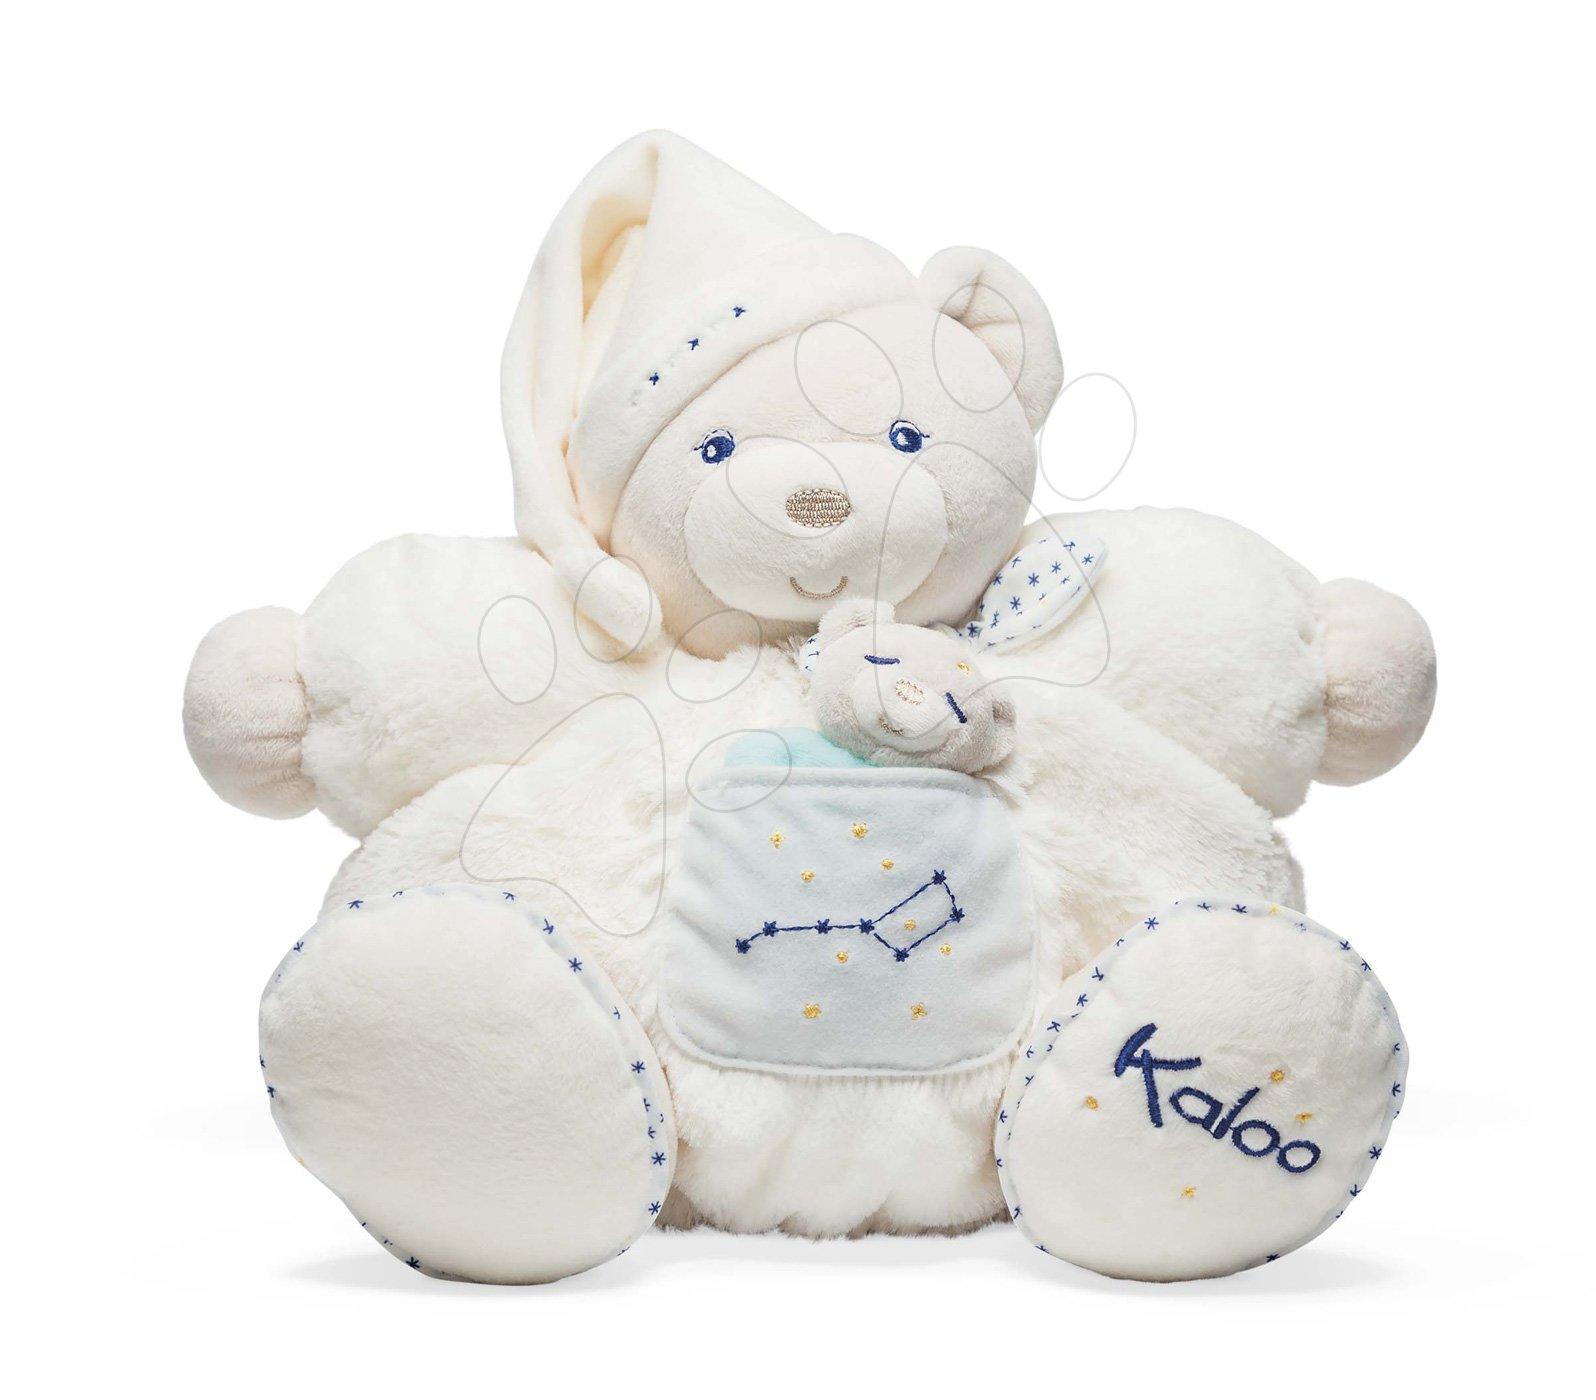 Plyšový medvěd s mládětem Petite Etoile Chubby Bear and Baby Kaloo velký od 0 měsíců